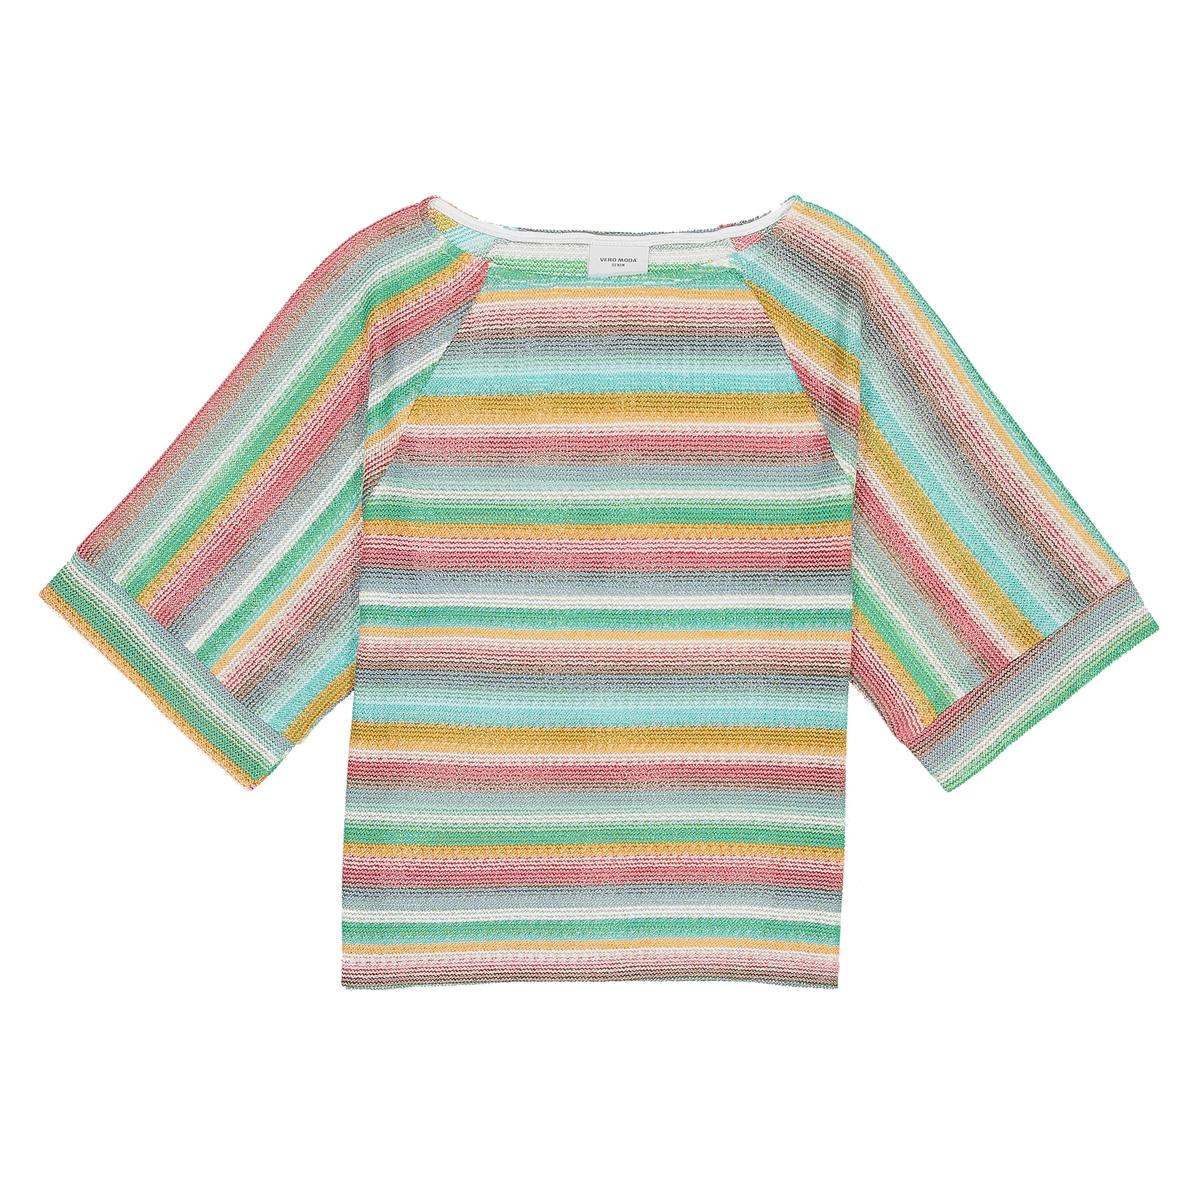 Пуловер с круглым вырезом из полиэстераДетали  •  Классическая модель •  Короткие рукава •  Круглый вырез •  Тонкий трикотаж •  Рисунок в полоскуСостав и уход  •  100% полиэстер •  Следуйте рекомендациям по уходу, указанным на этикетке изделия<br><br>Цвет: разноцветный